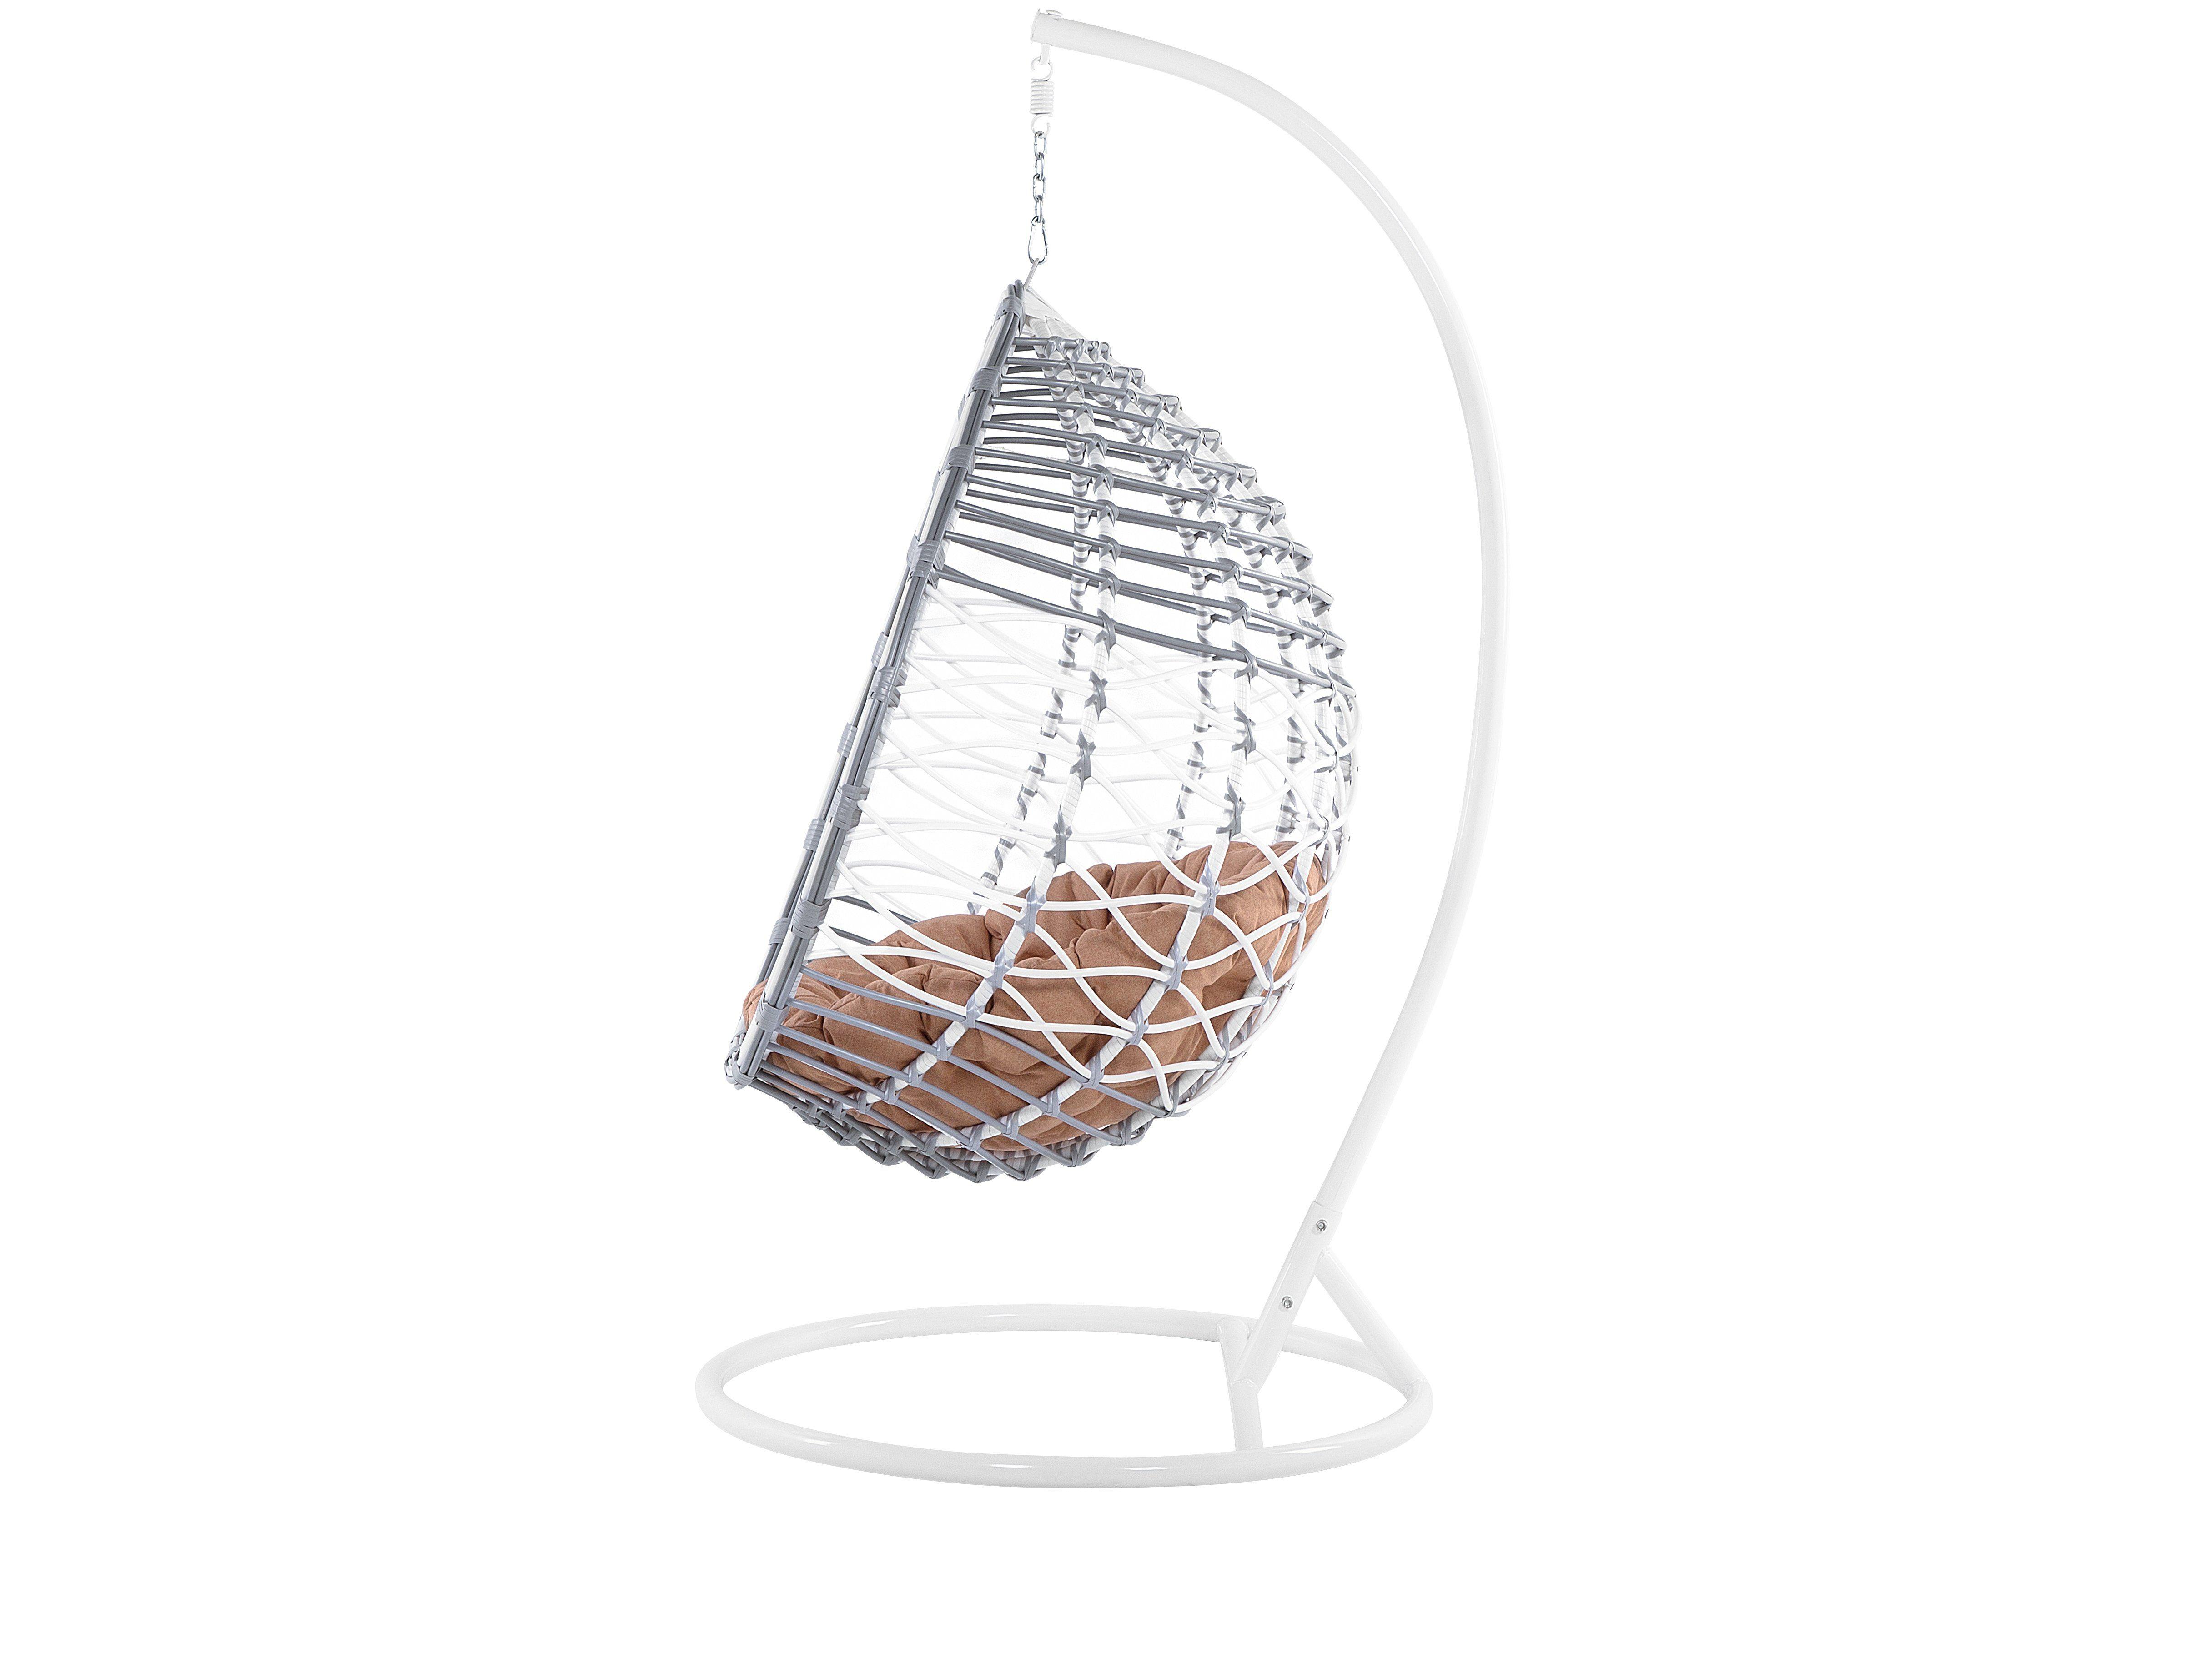 Poltrona Sospesa In Rattan.Sedia Poltrona Sospesa In Rattan Bianco Forio In 2020 Hanging